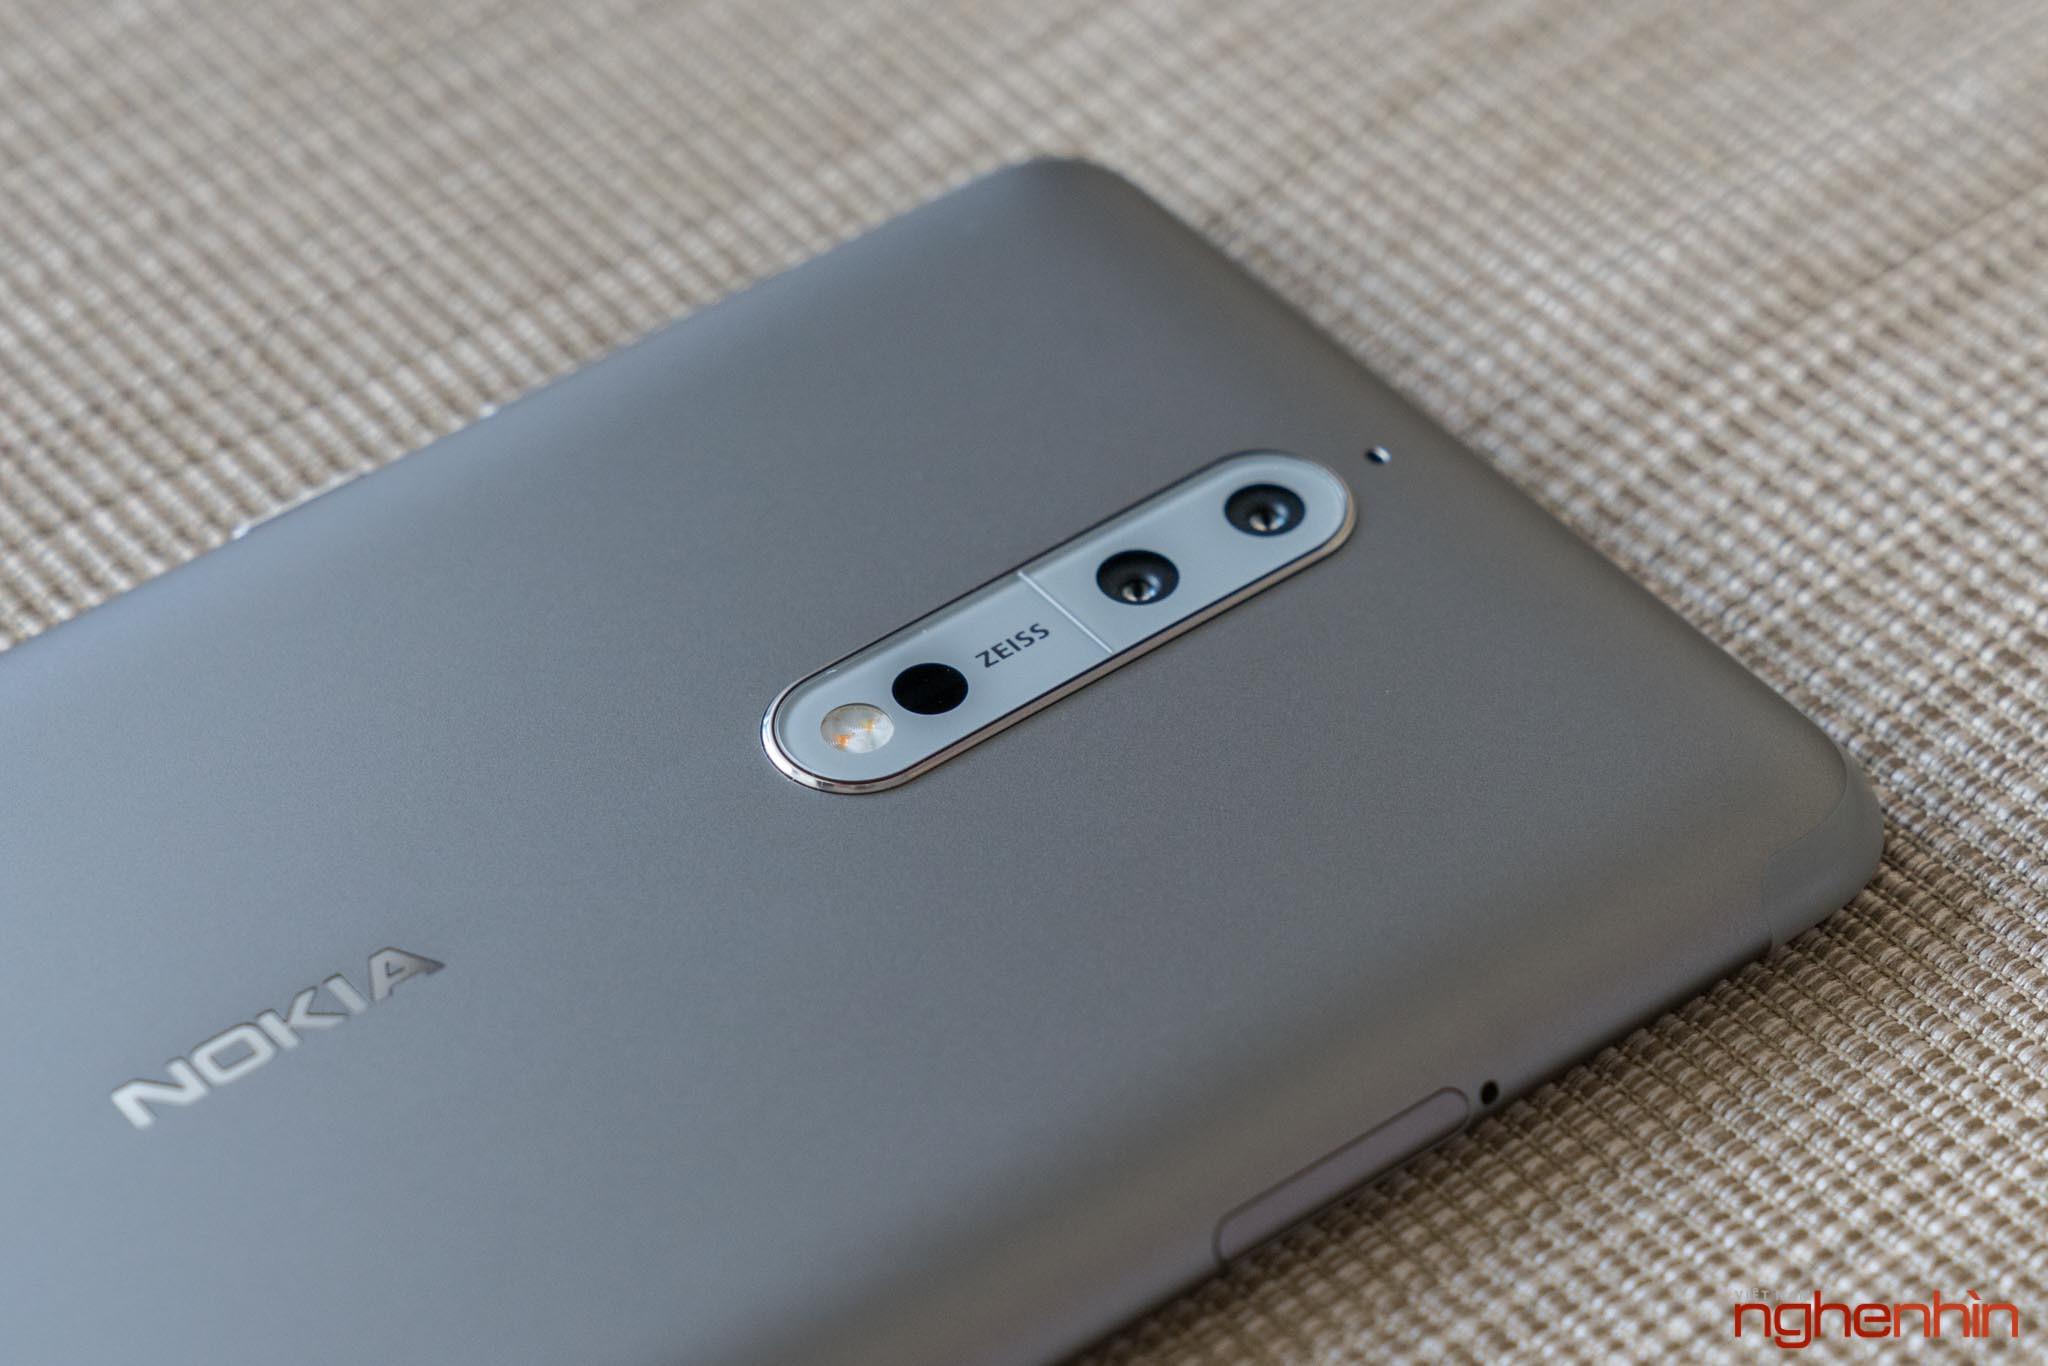 Mở hộp Nokia 8 chính hãng: hoàn thiện cao cấp, camera kép ống kính Zeiss ảnh 10